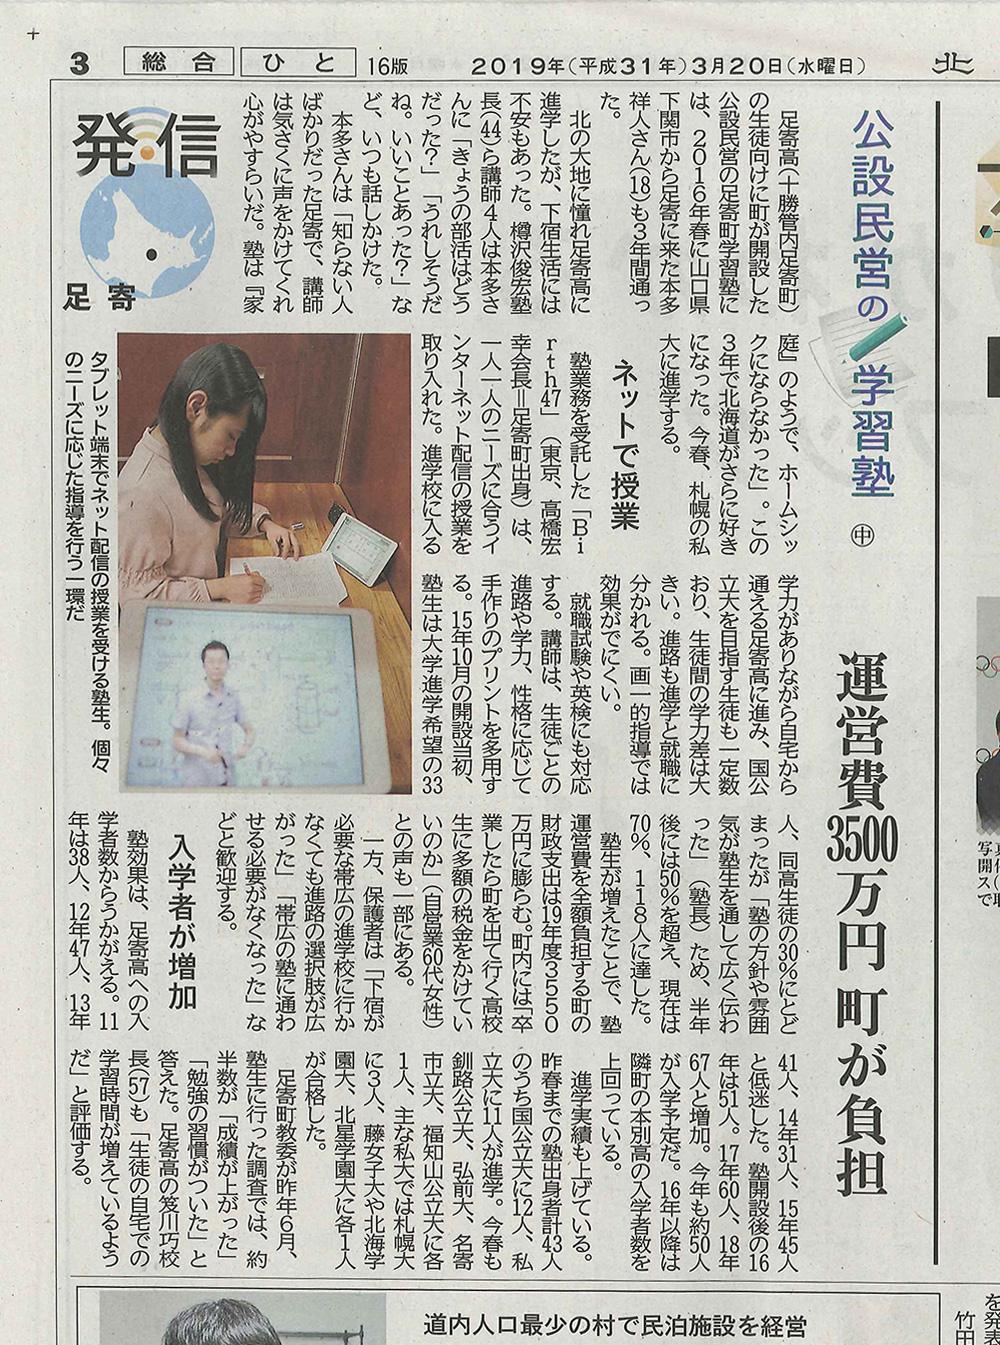 【足寄町学習塾】北海道新聞掲載②